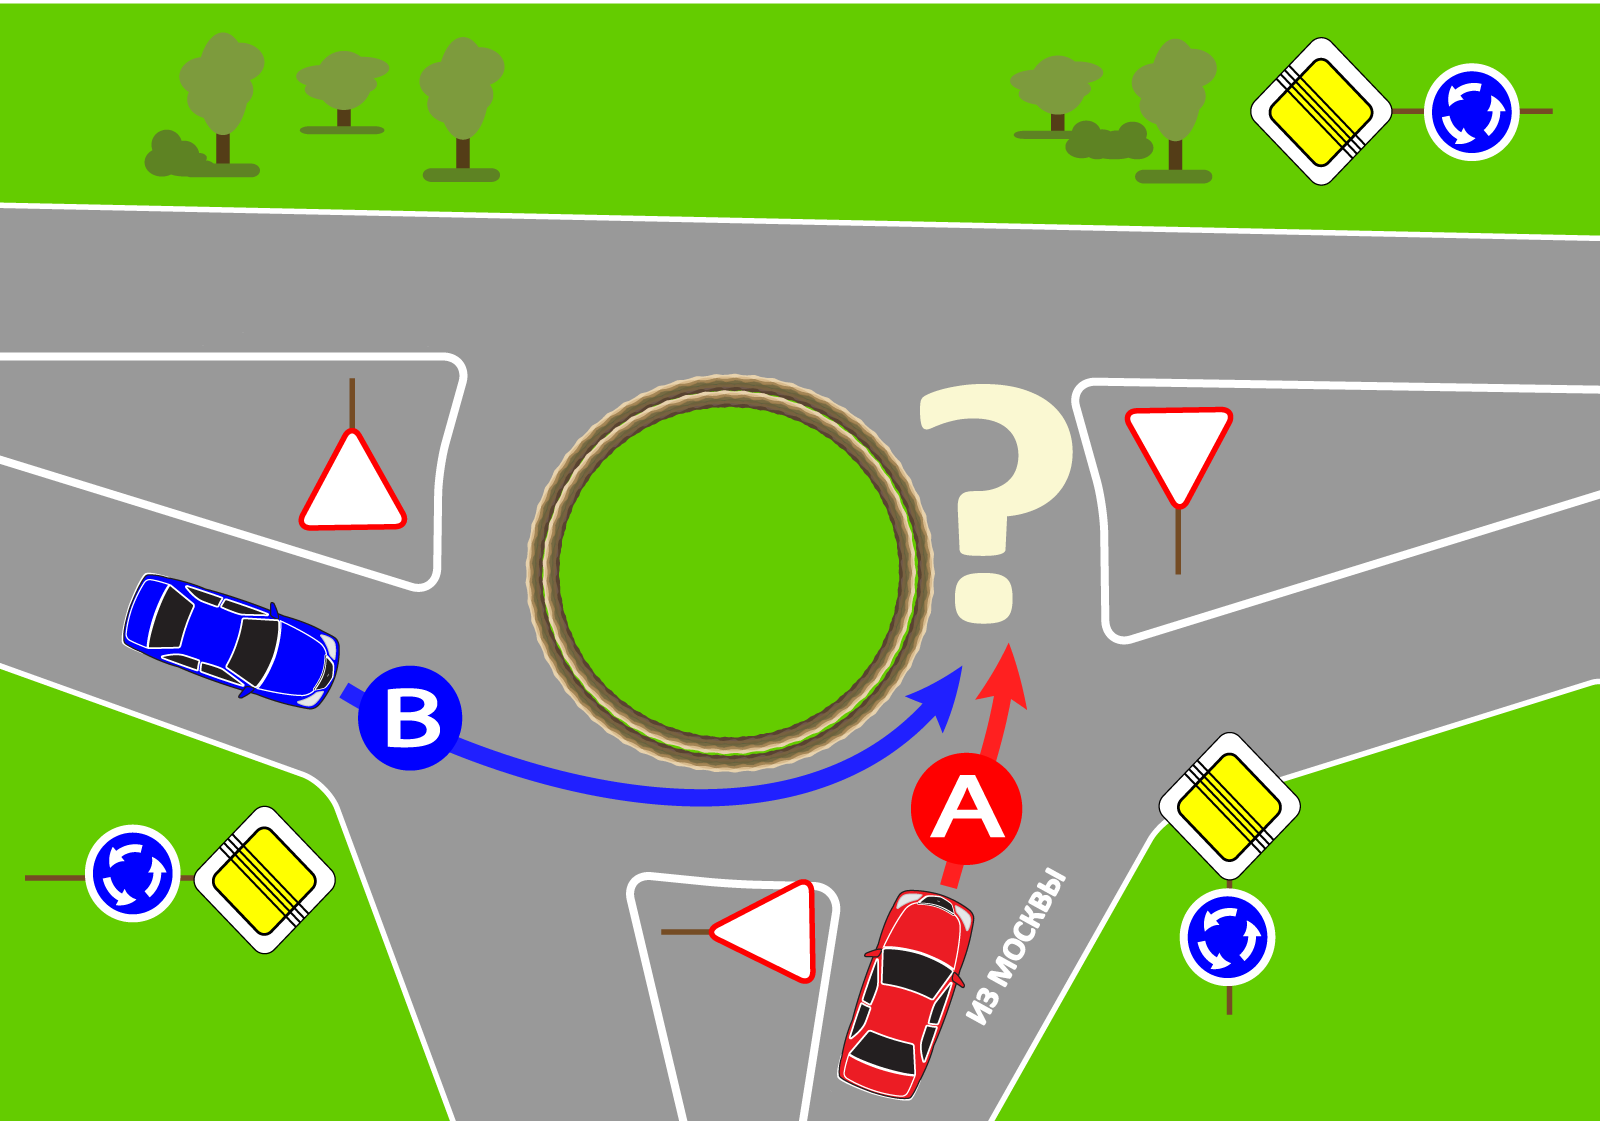 перекресток с круговым движением и знаком уступи дорогу